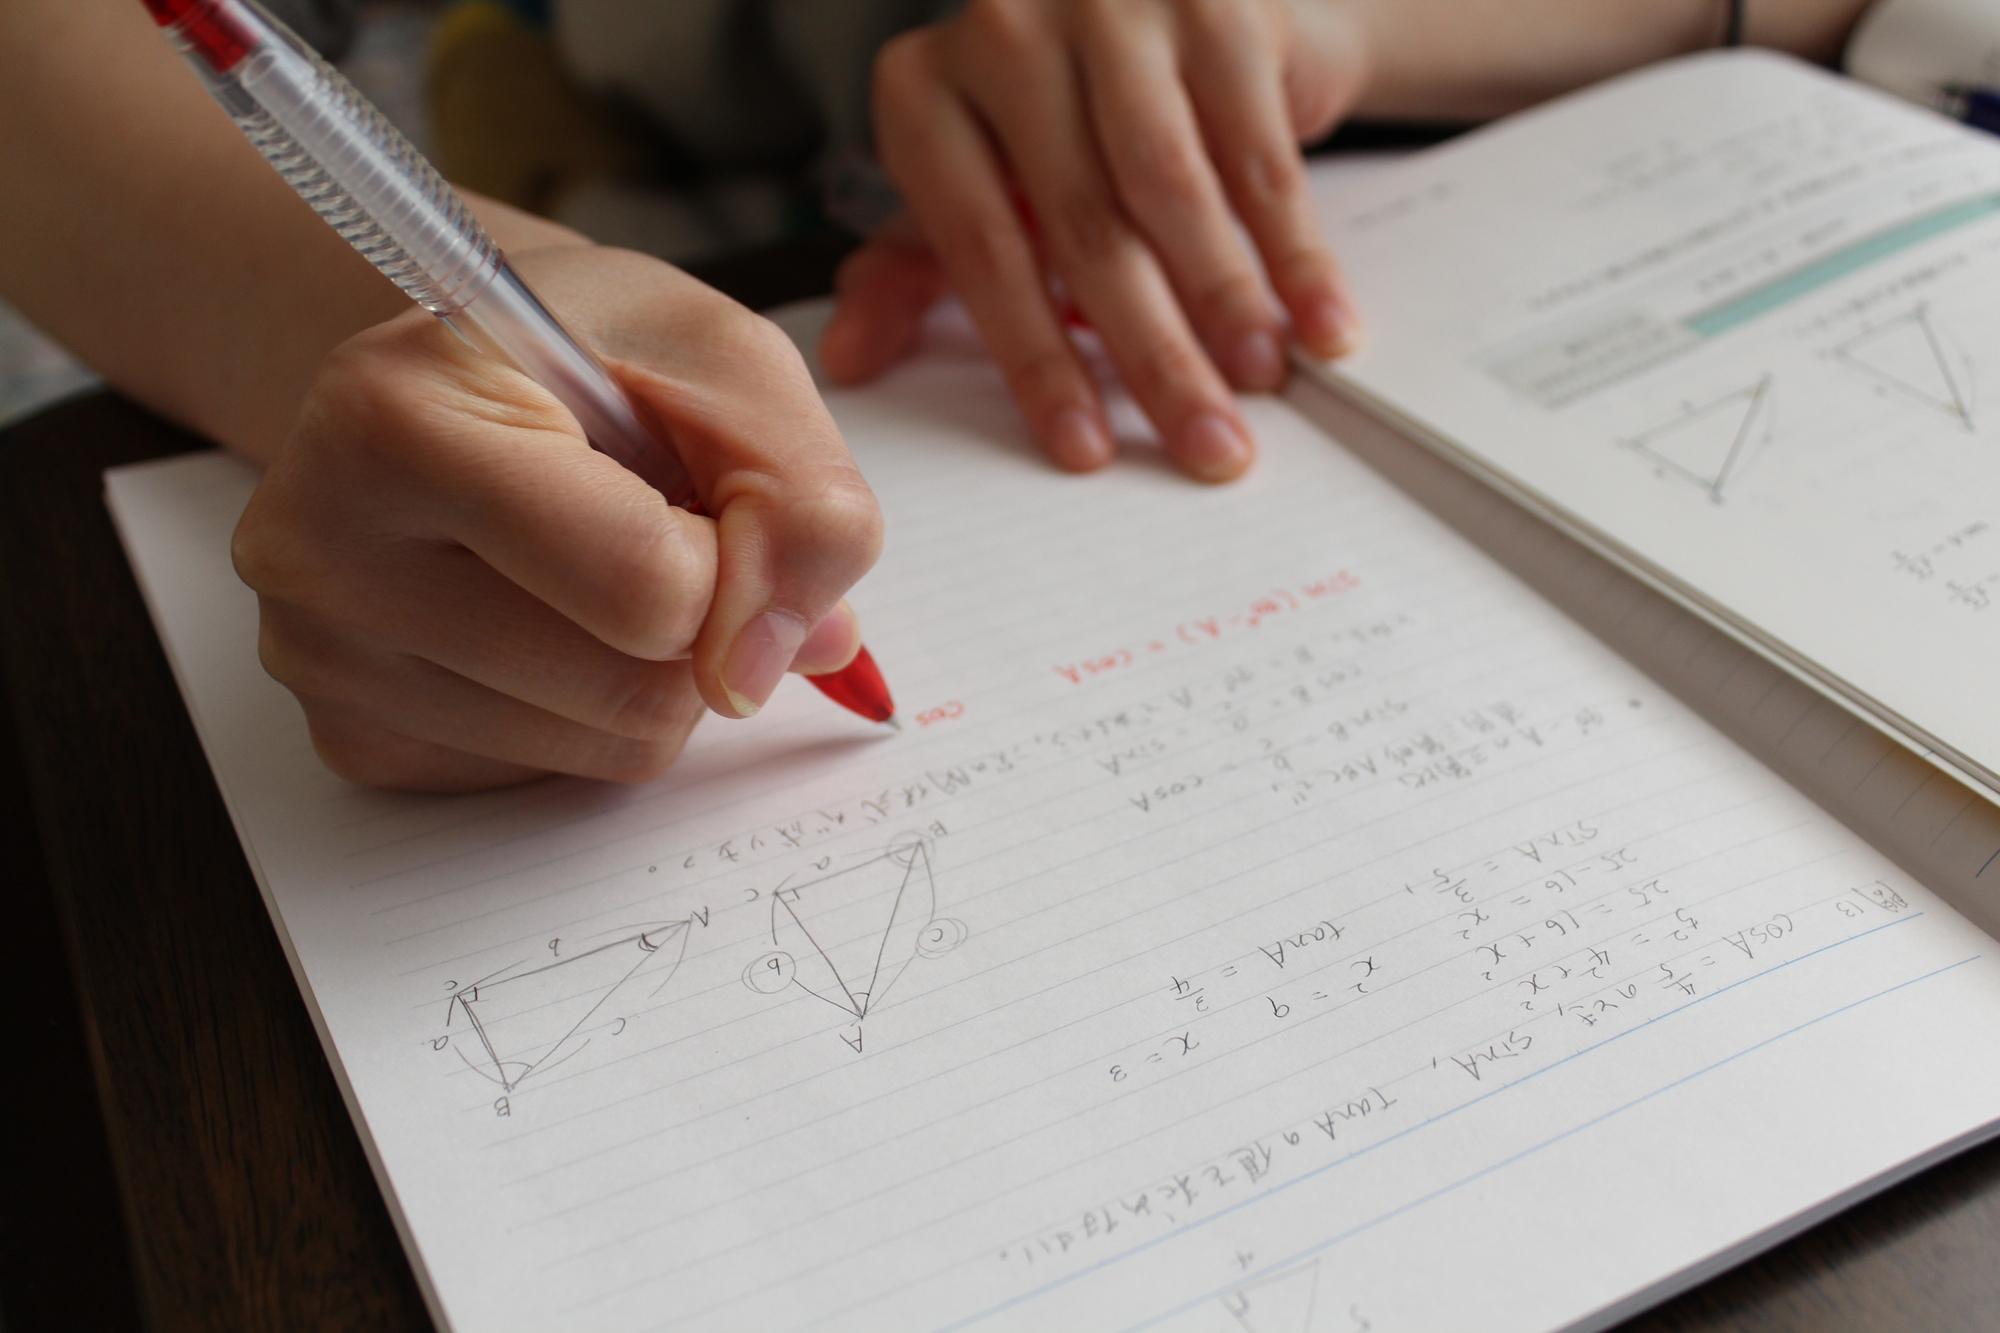 公式の応用ができないワケとは?「数学が苦手な人」6つの特徴